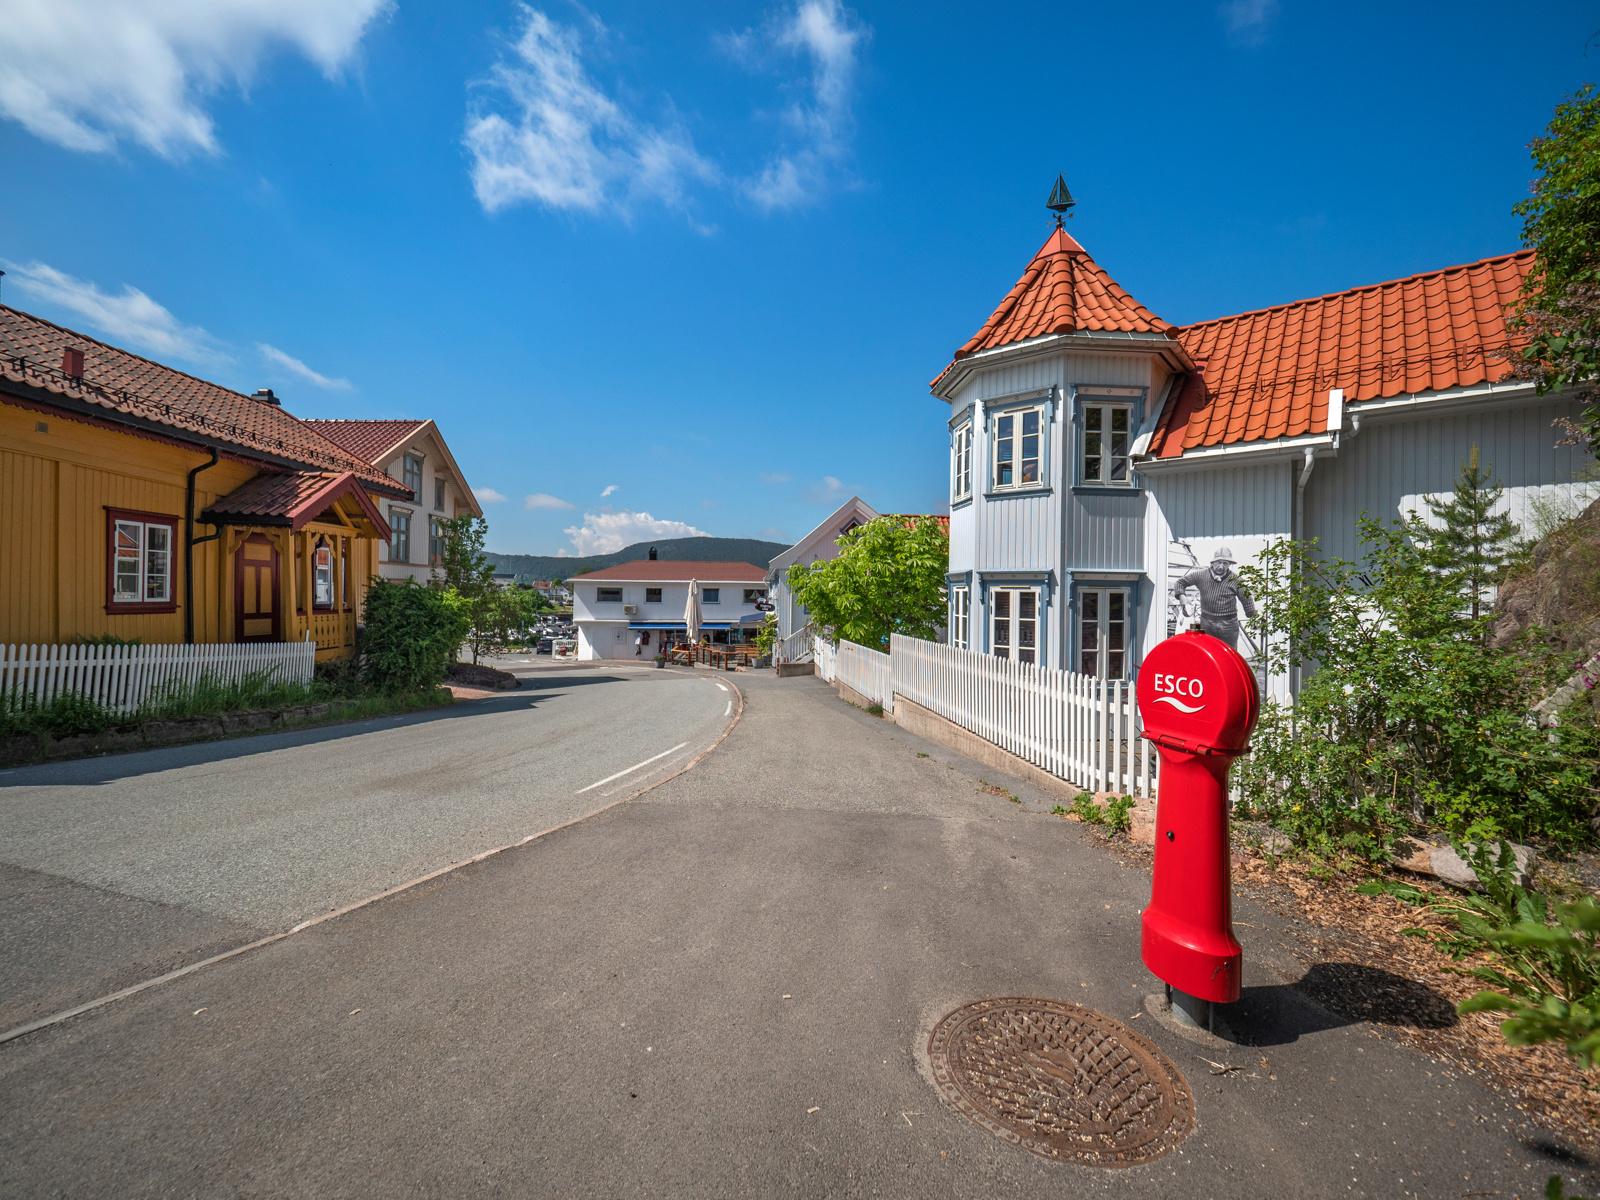 Holmsbu sentrum ligger en kort spassertur unna og har dagligvarebutikk, flere restauranter og sommerbutikker